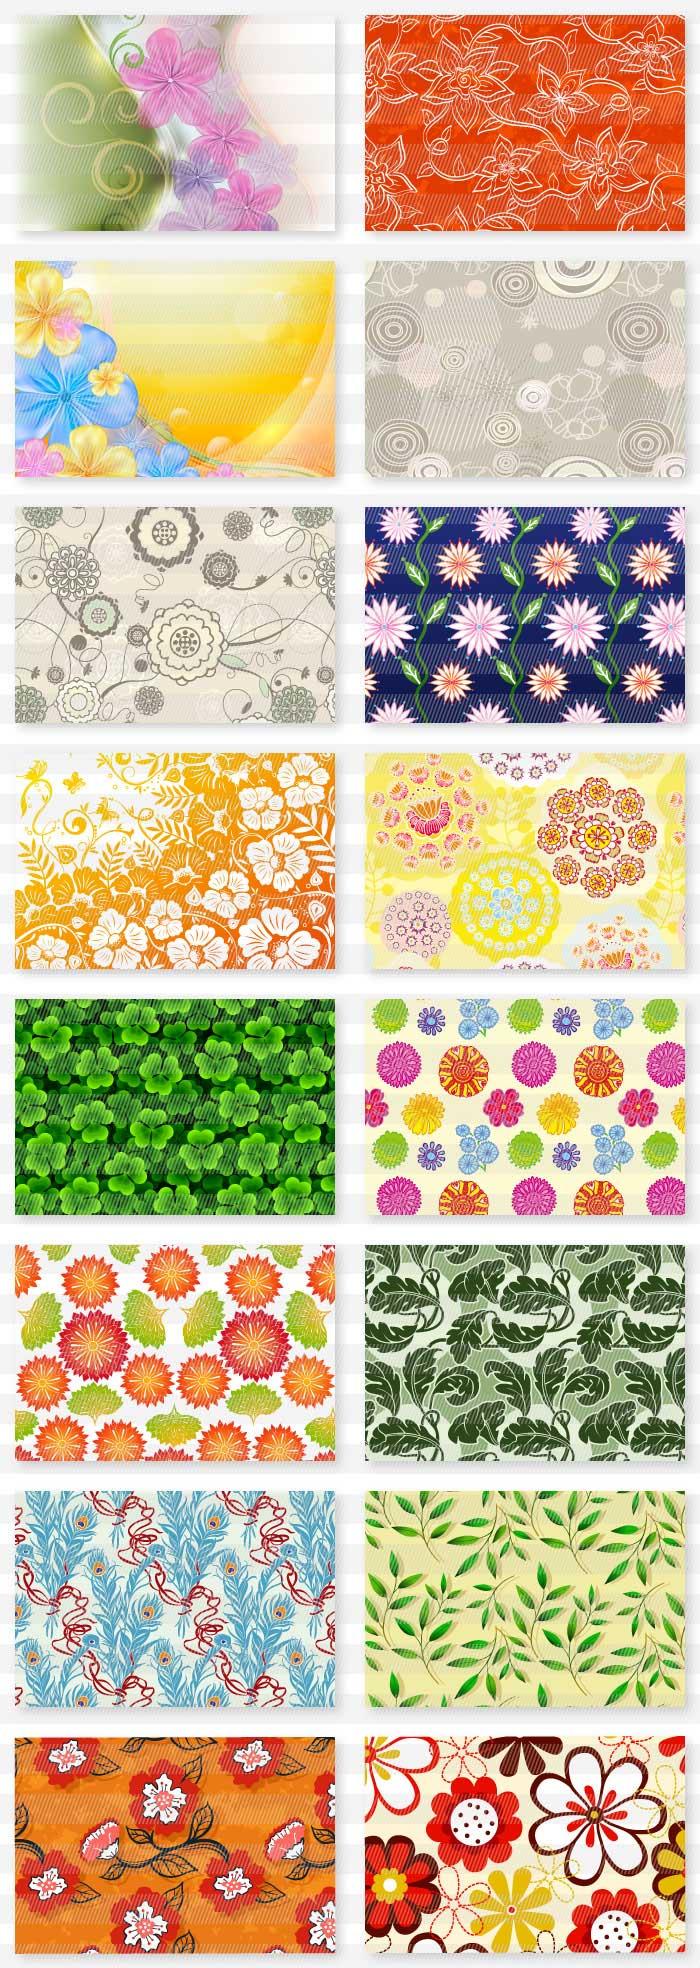 花柄・葉っぱ柄のテクスチャ・テンプレート背景|イラストレーター素材